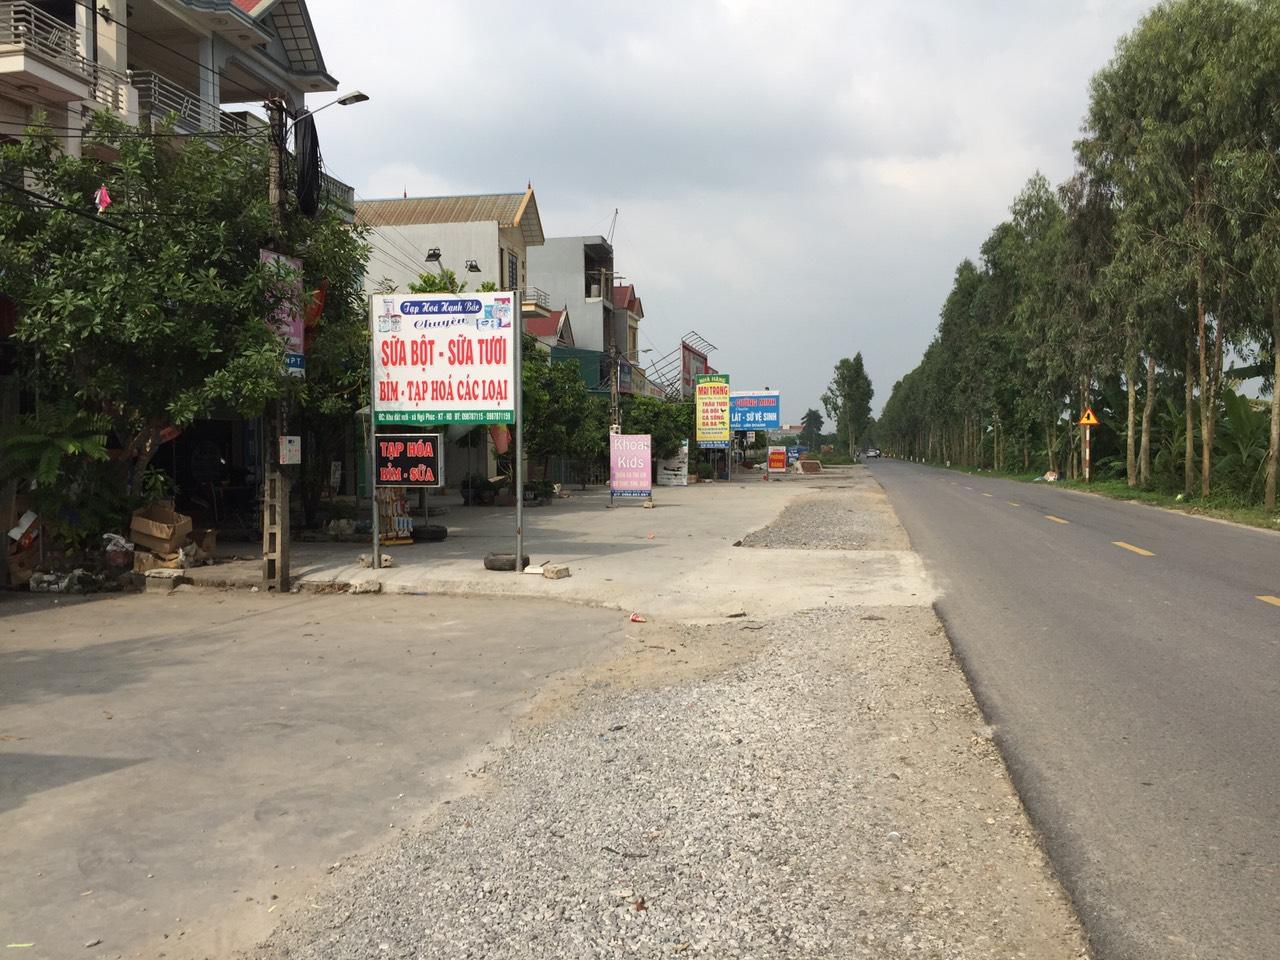 Bán đất phân lô khu dân cư mới Ngũ Phúc Kim Thành